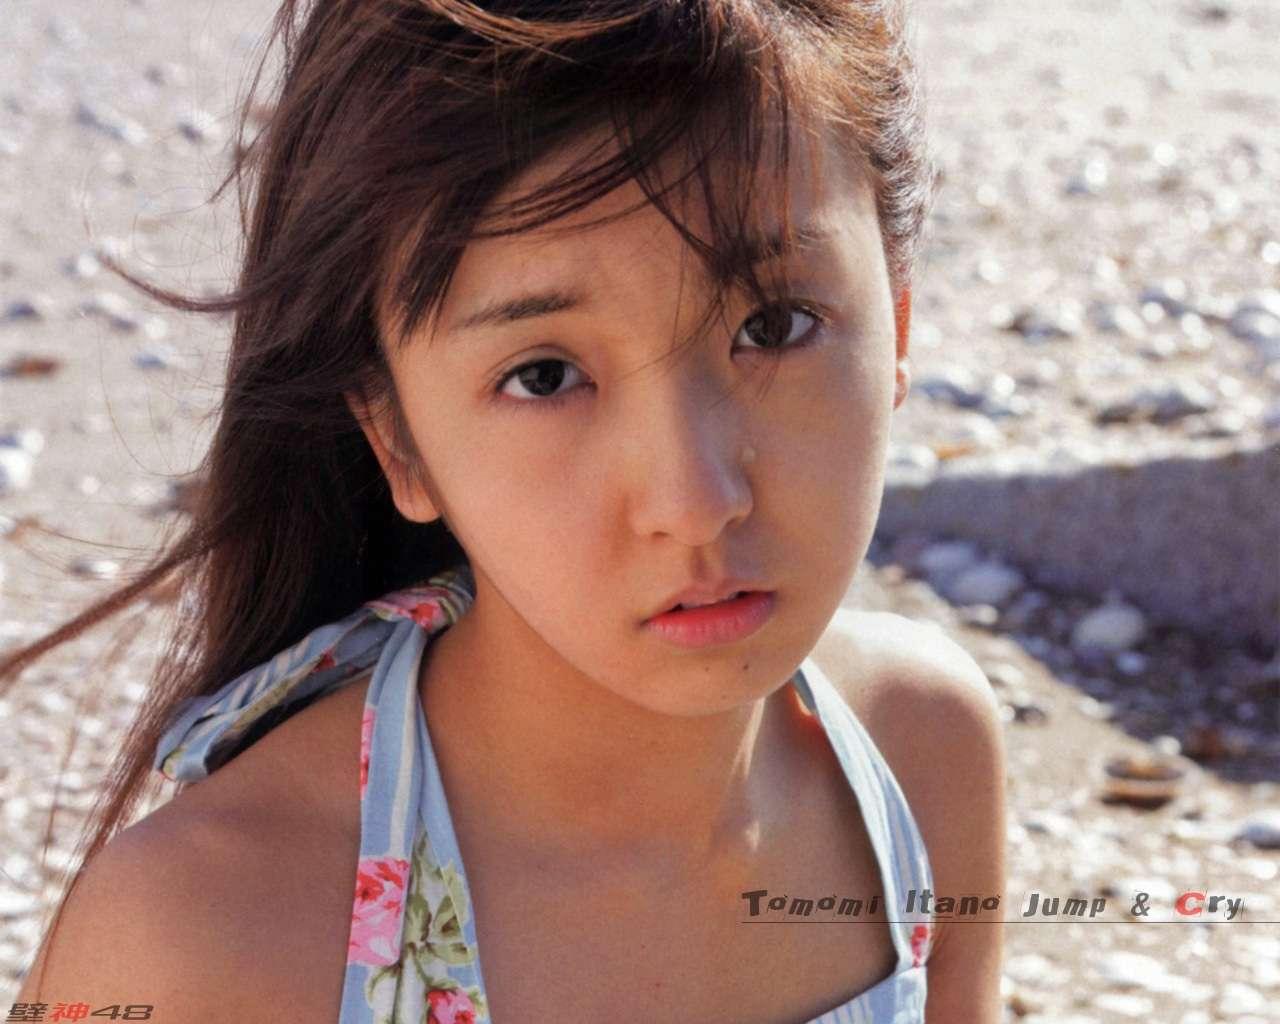 元AKB48板野友美の熱烈なファンが激怒 「とも... 元AKB48板野友美の熱烈なファンが激怒